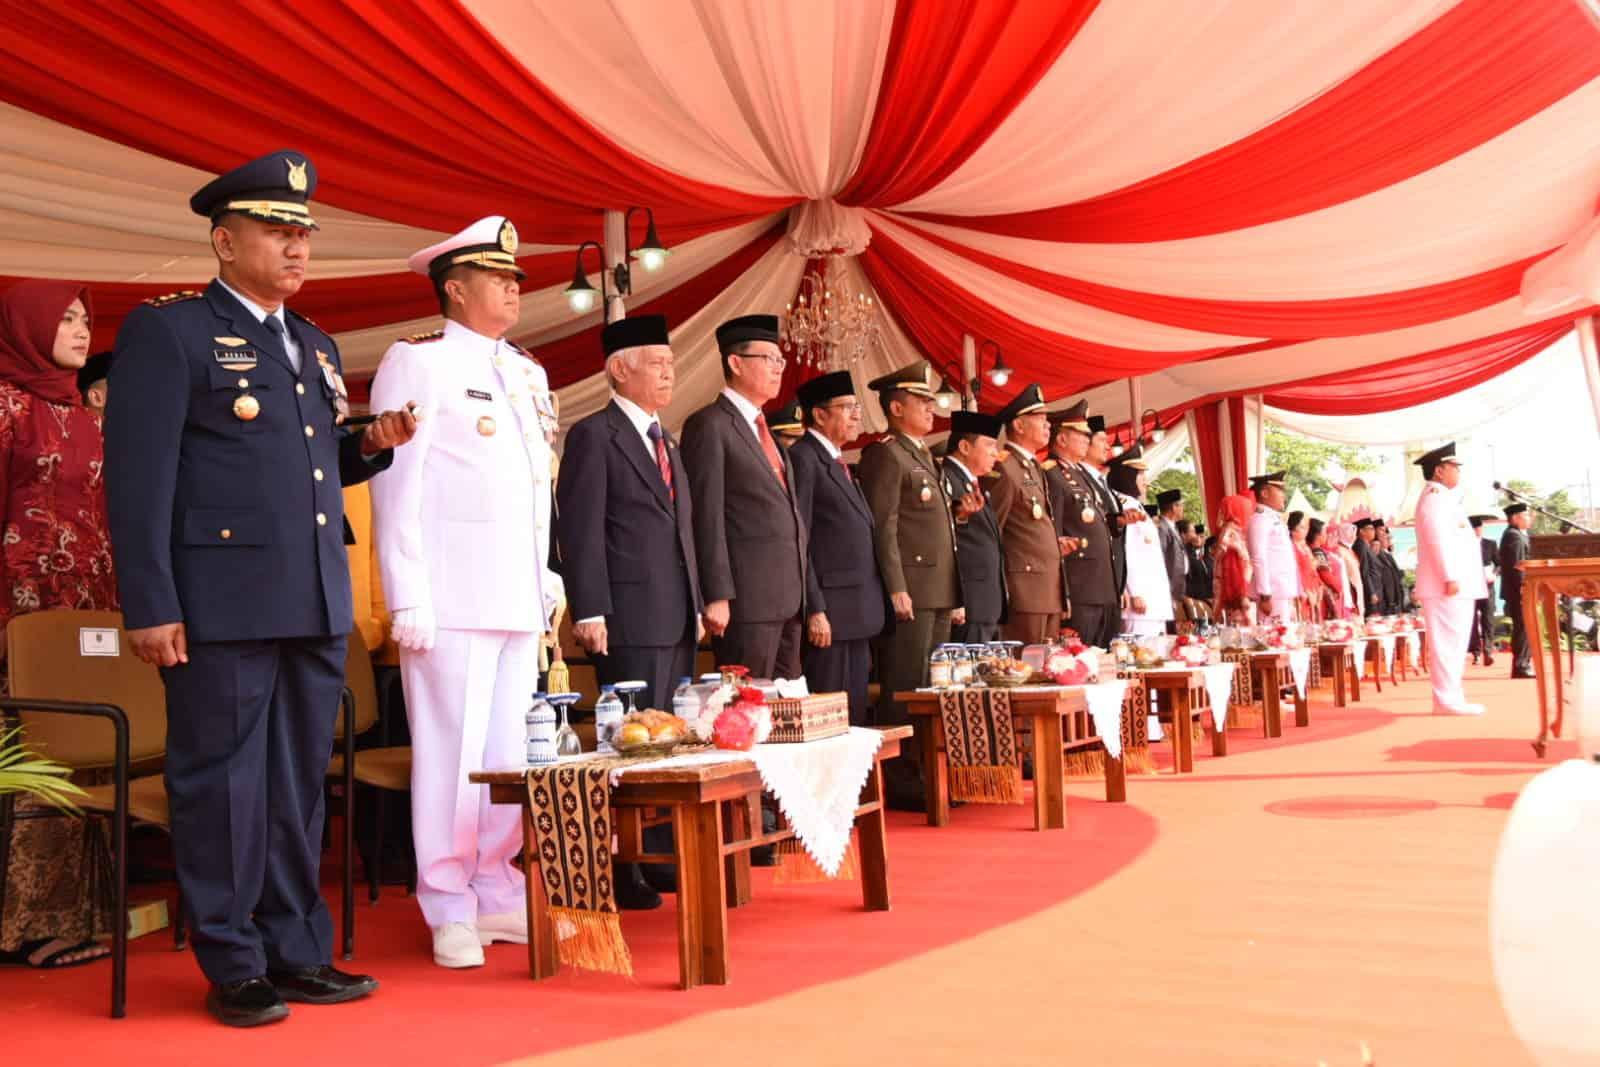 Lanud Pangeran M. Bun Yamin Turut Serta Dalam Memperingati HUT RI ke-74 di Empat Wilayah.